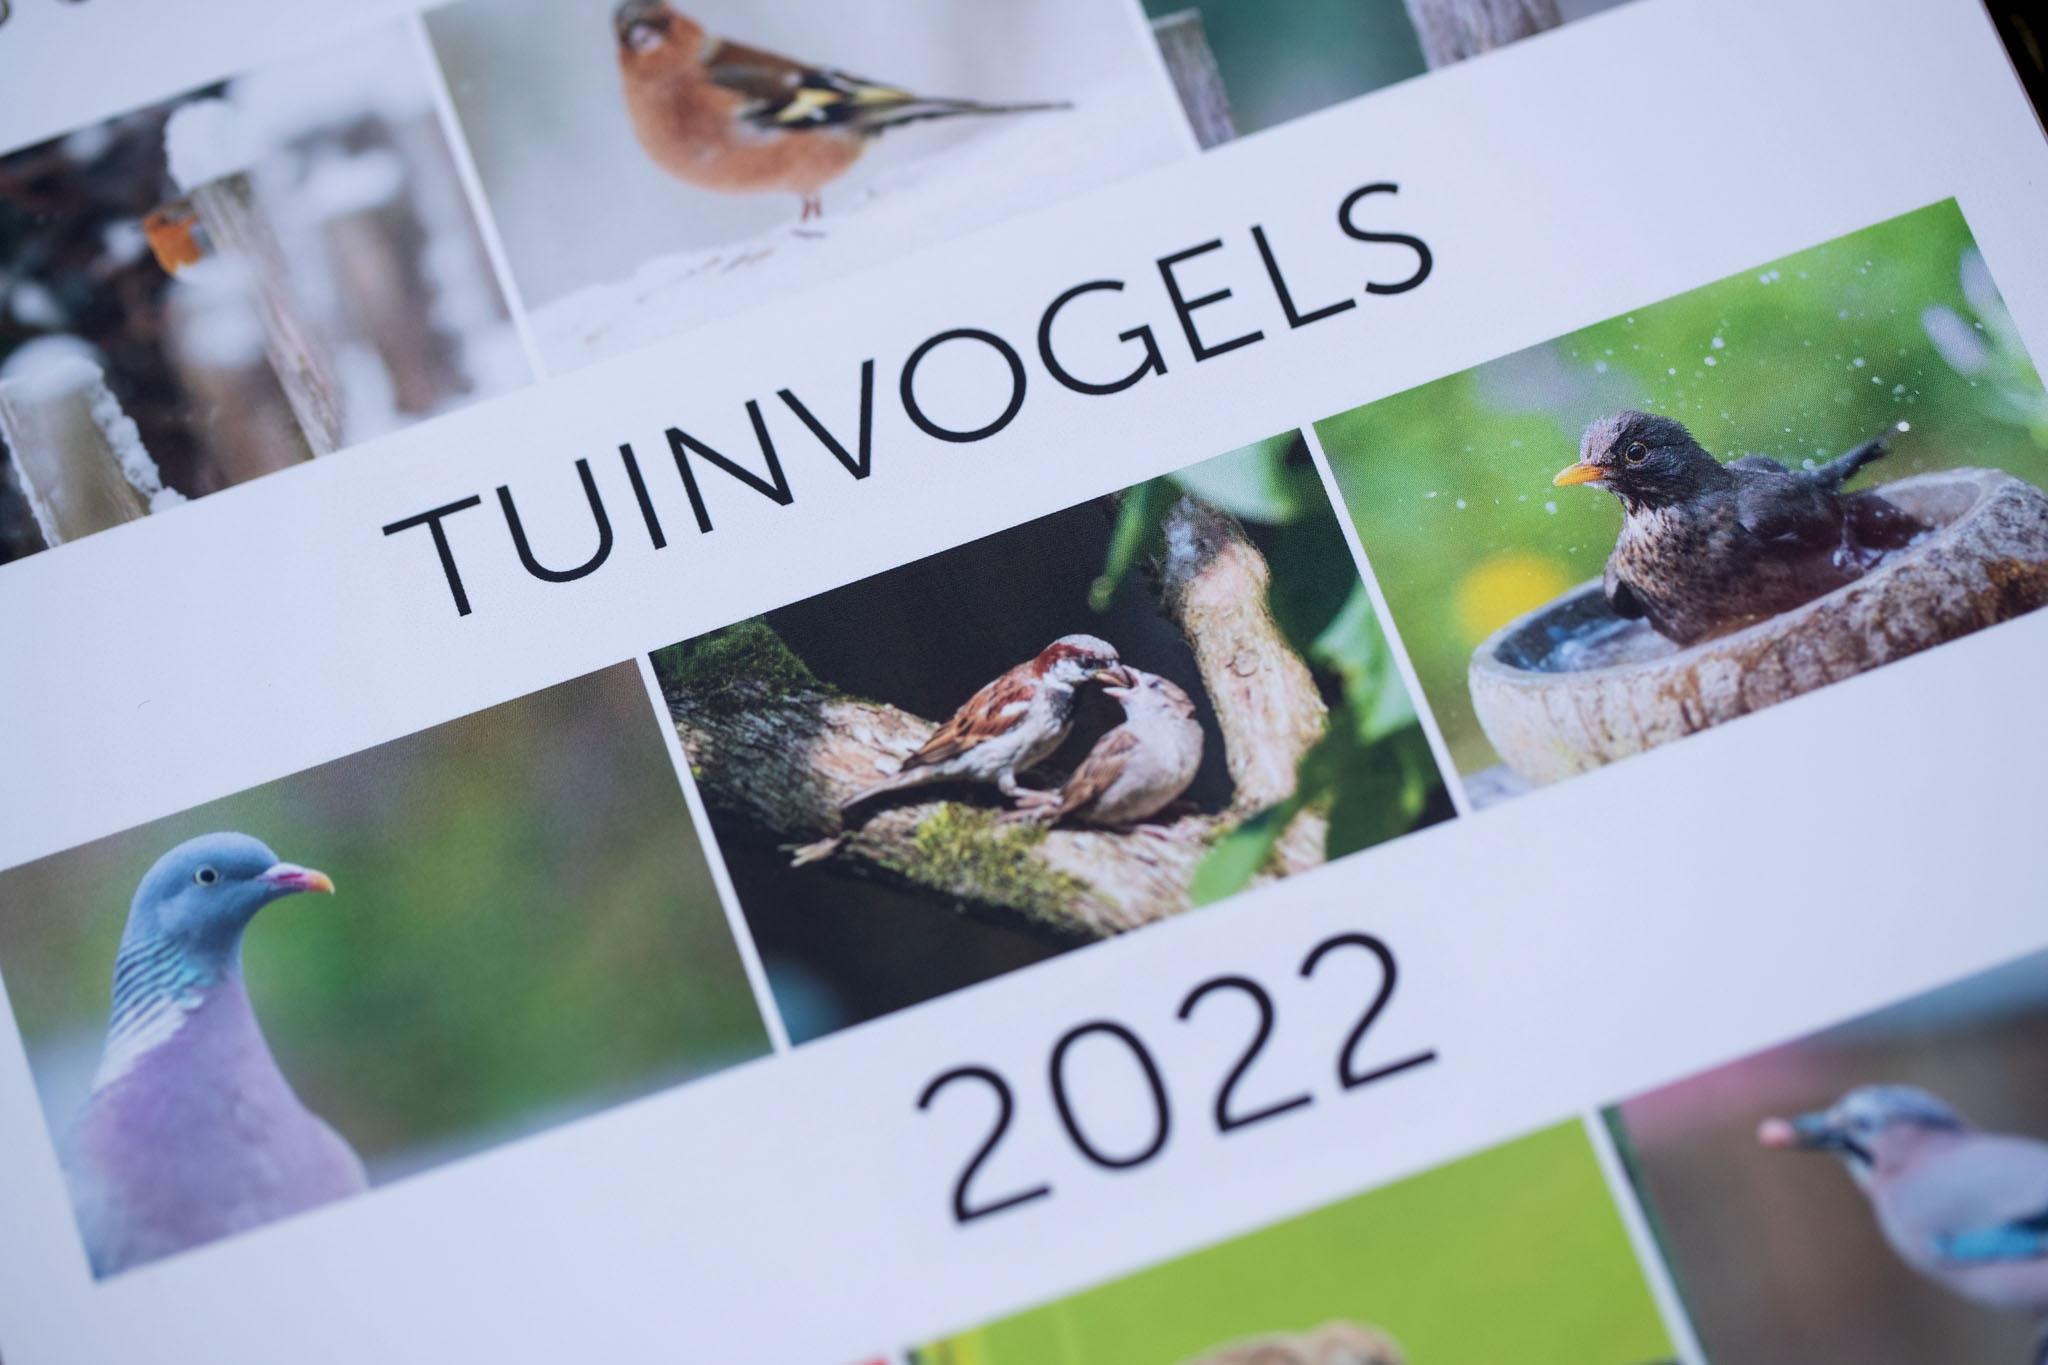 Tuinvogel kalender